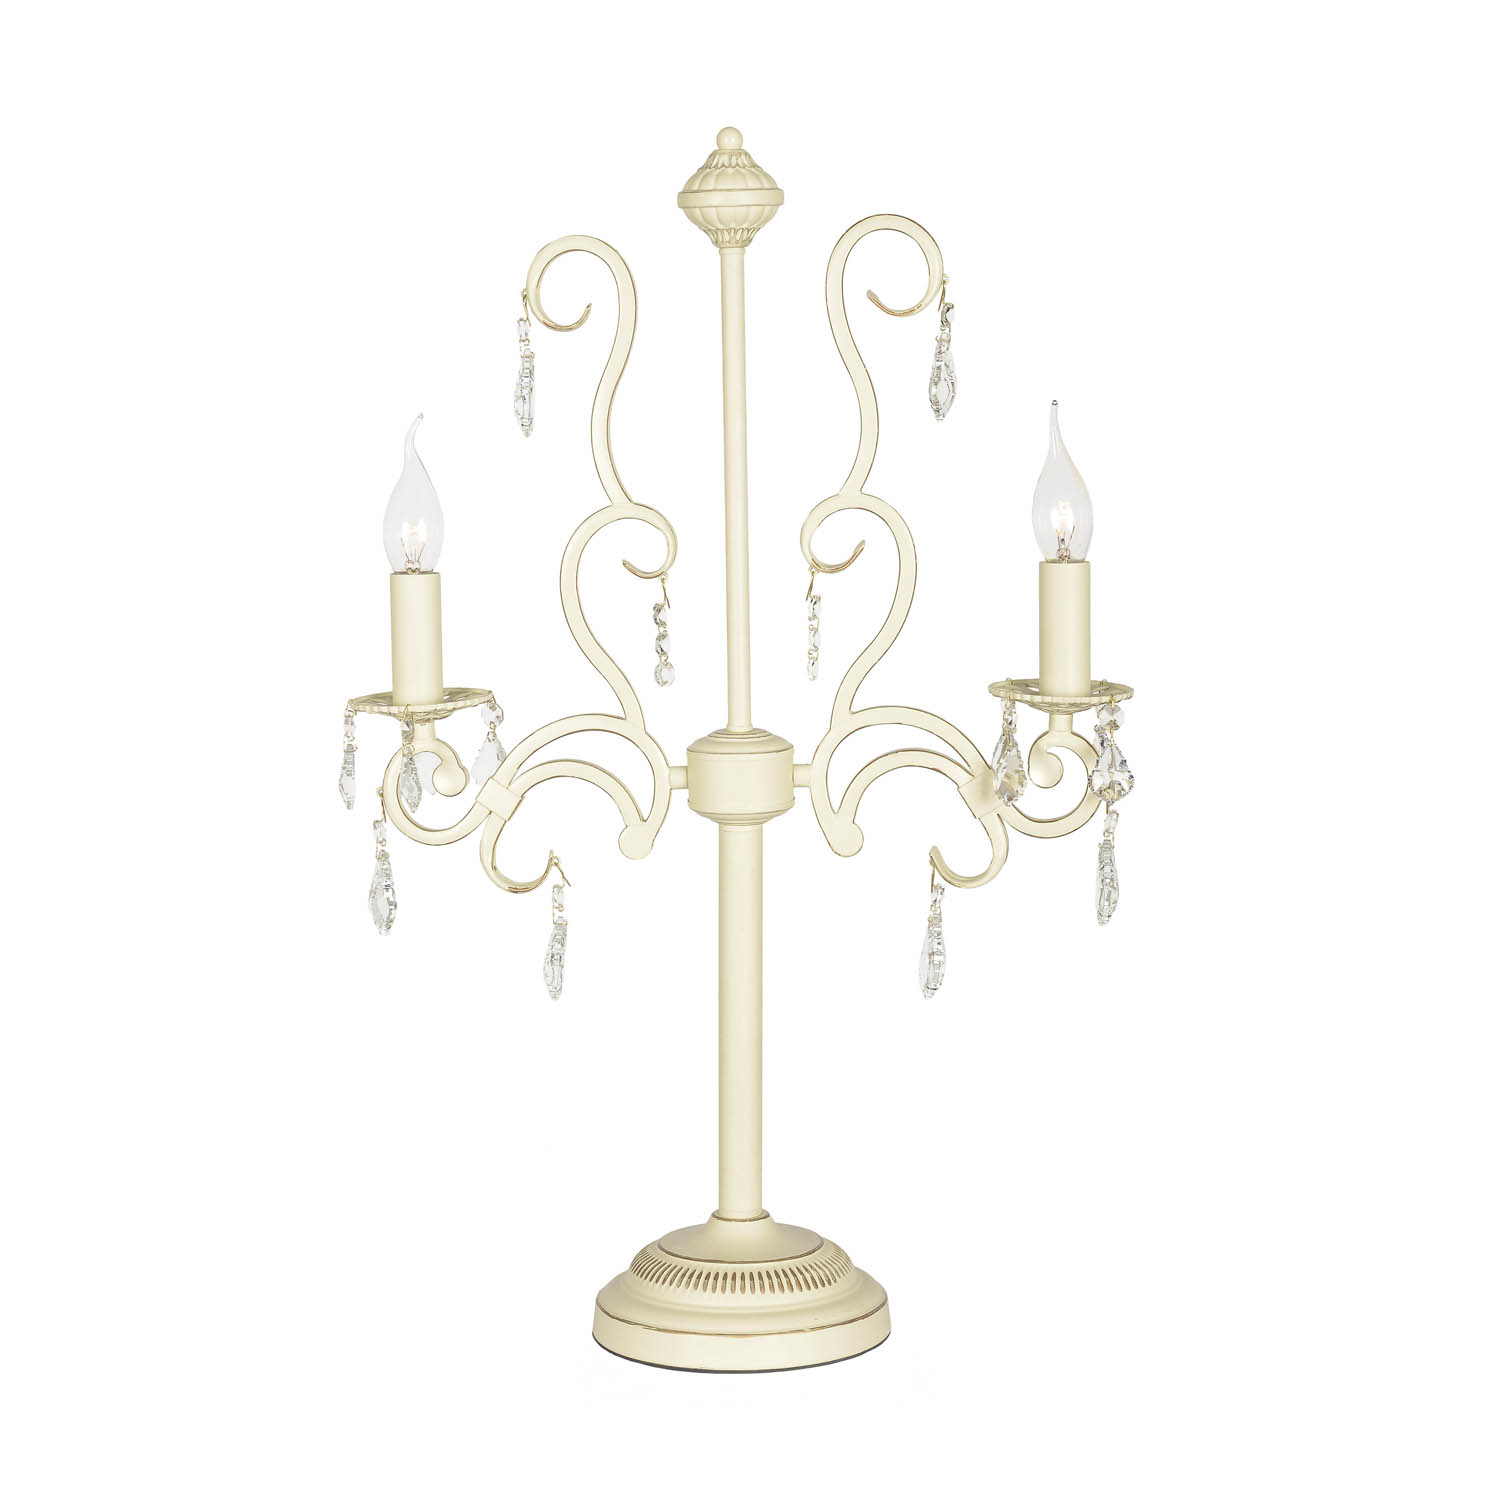 Лампа настольная хрустальная Arti Lampadari GIOIA E 4.2.602 CG настольная лампа arti lampadari gioia e 4 3 602 cg